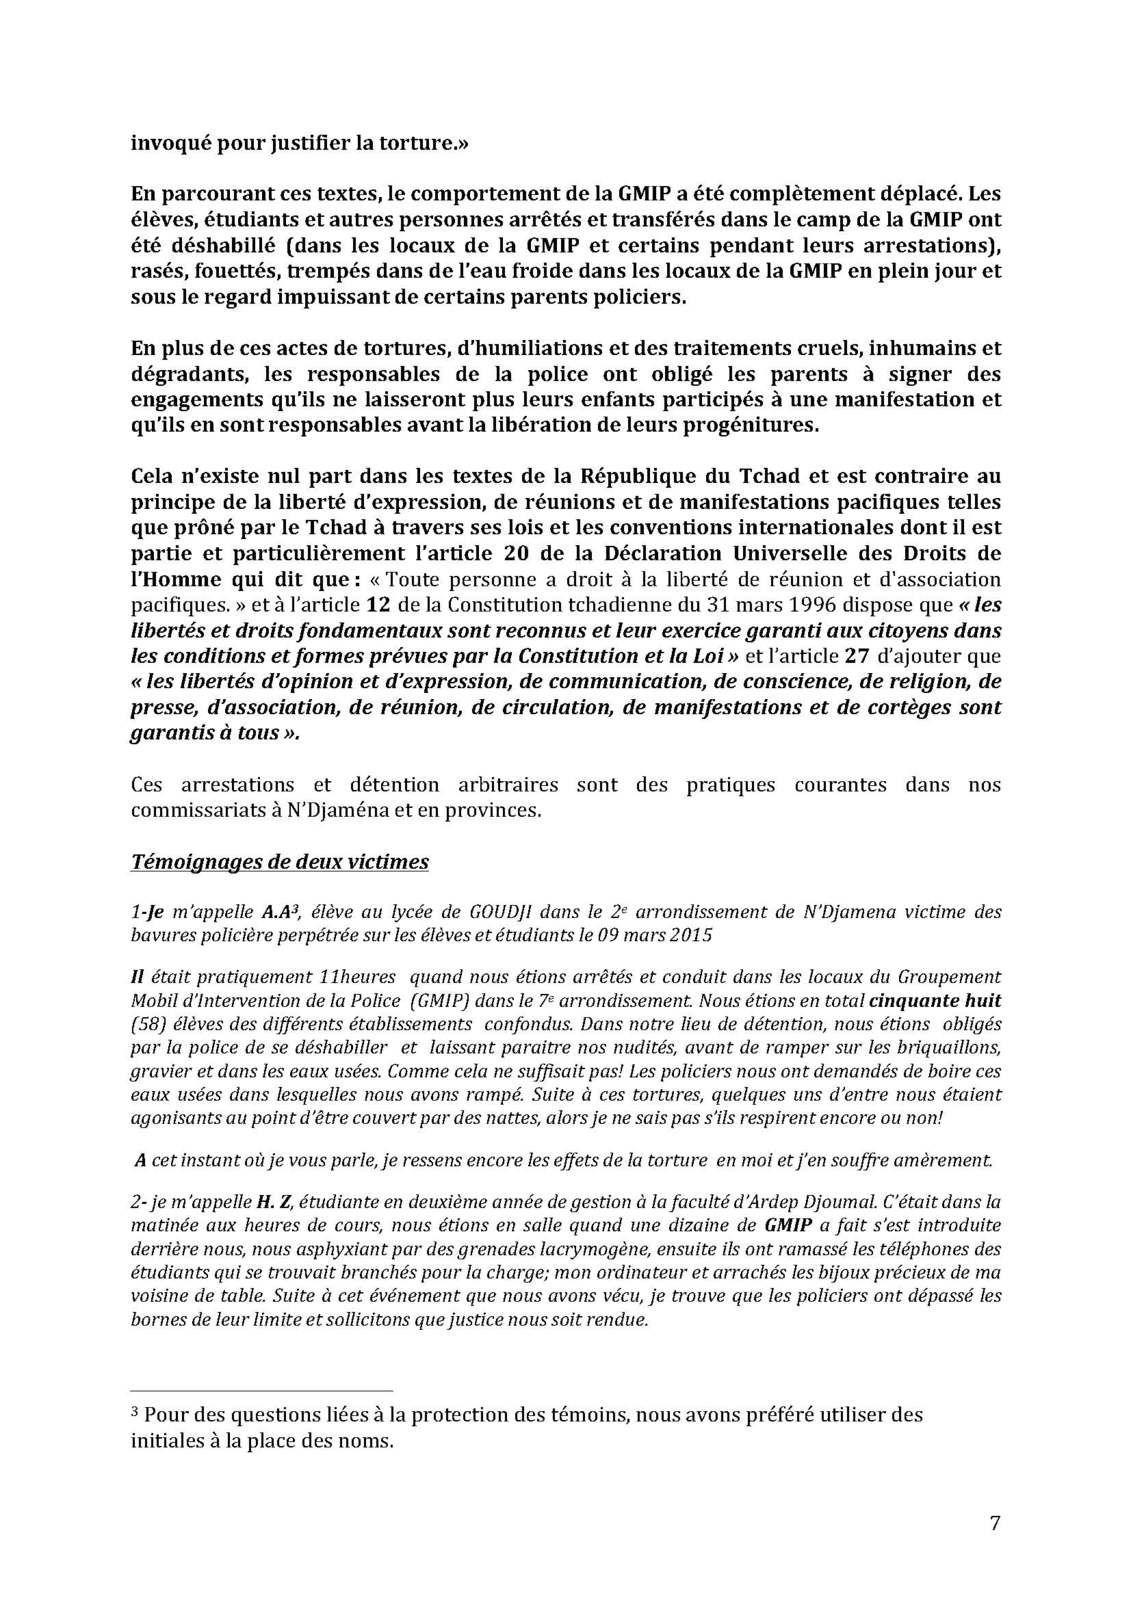 Silence on torture au Tchad: la LTDH épingle le régime d'Idriss Deby (rapport)